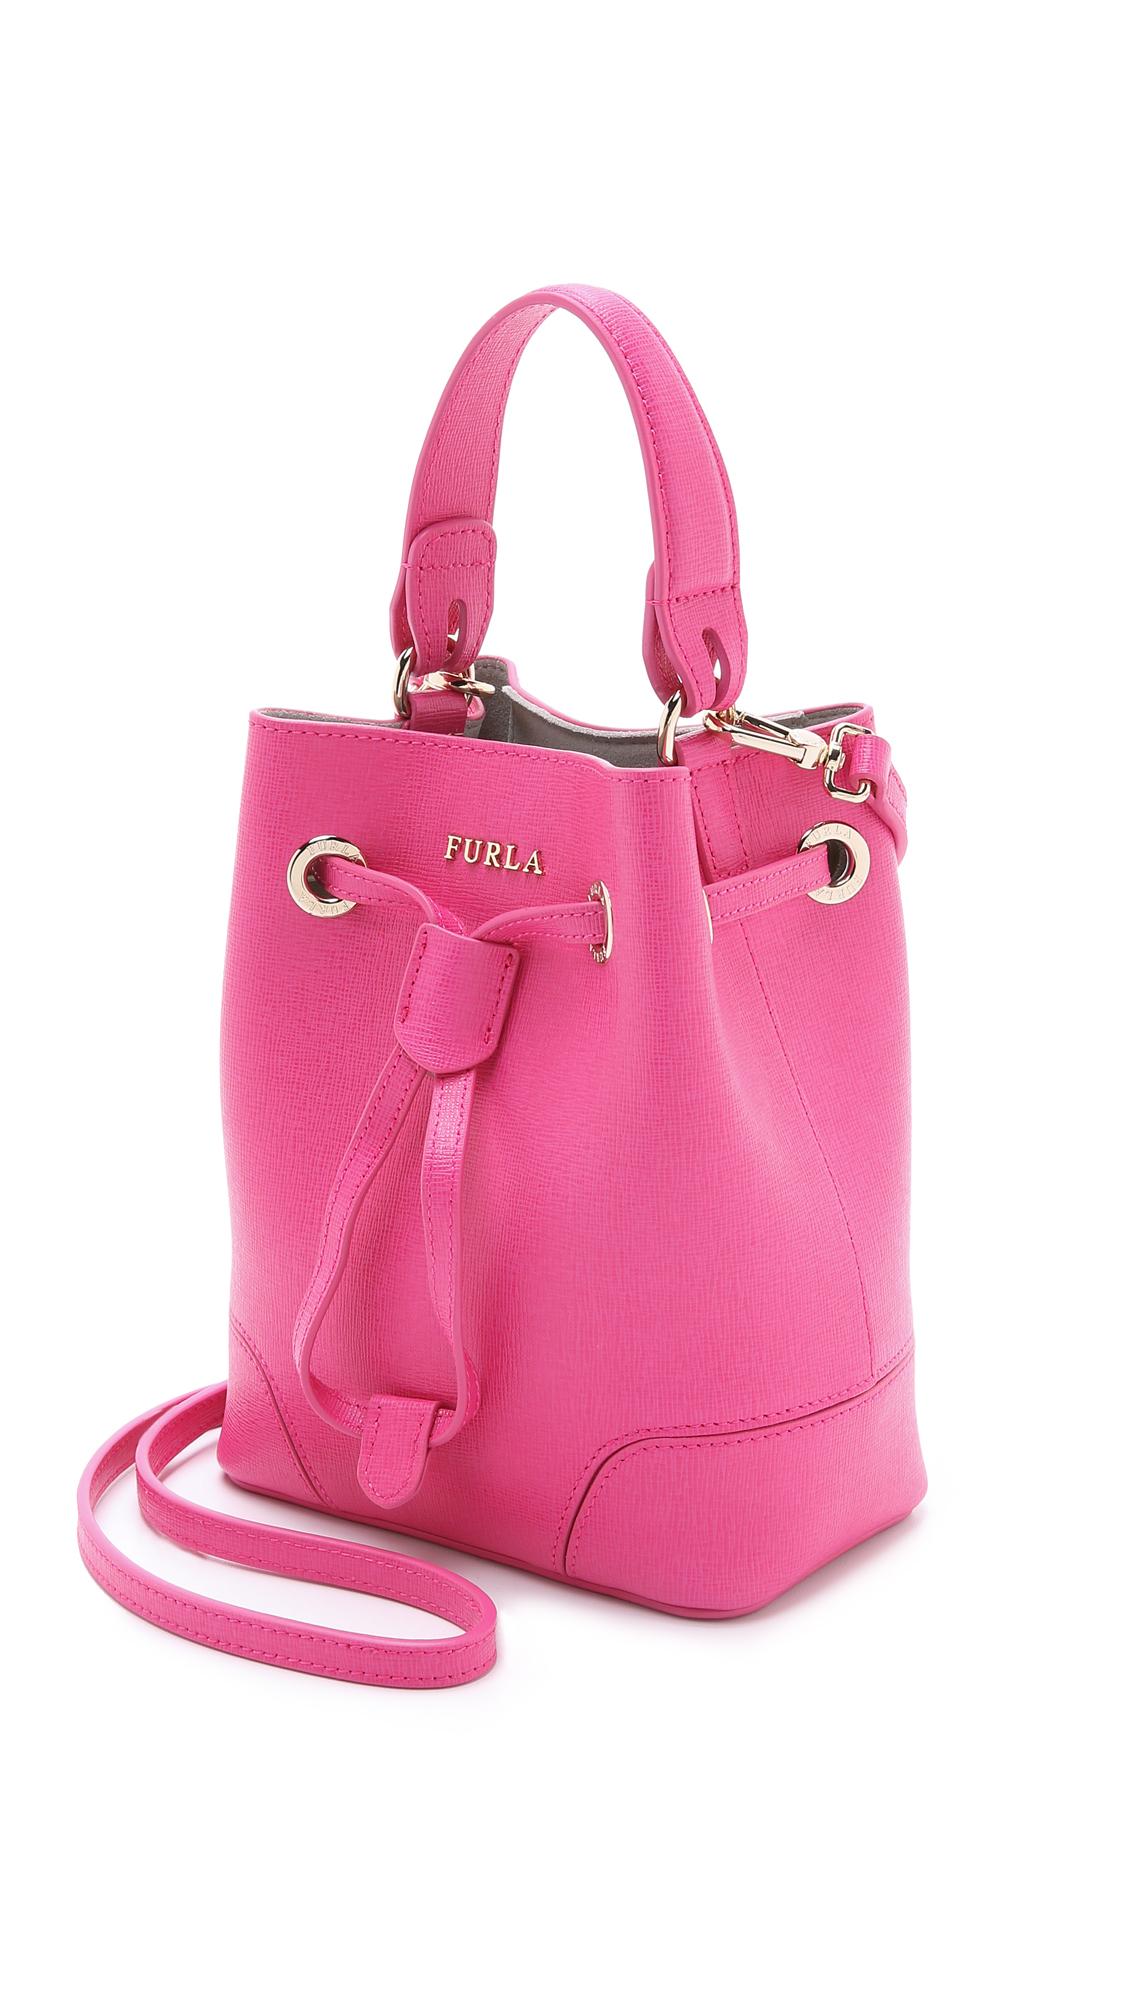 Lyst - Furla Stacy Mini Cross Body Bucket Bag - Magenta in Pink 1d8708c6f1ec0